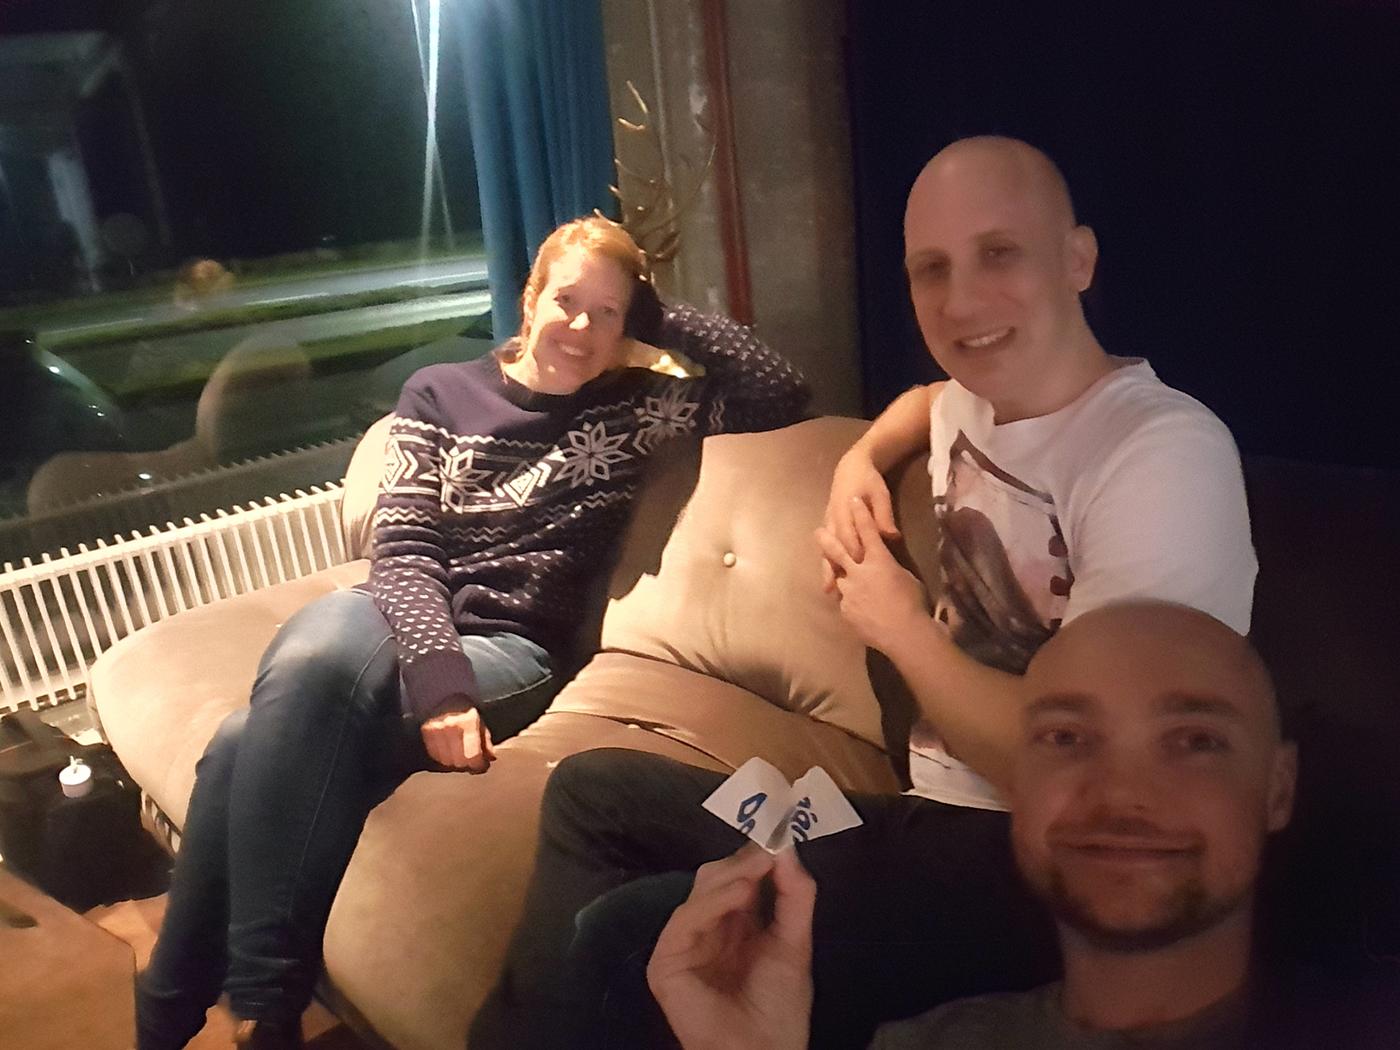 Met een Duitse reisgenoot in het hostel bij de vliegtuig vouwwedstrijd